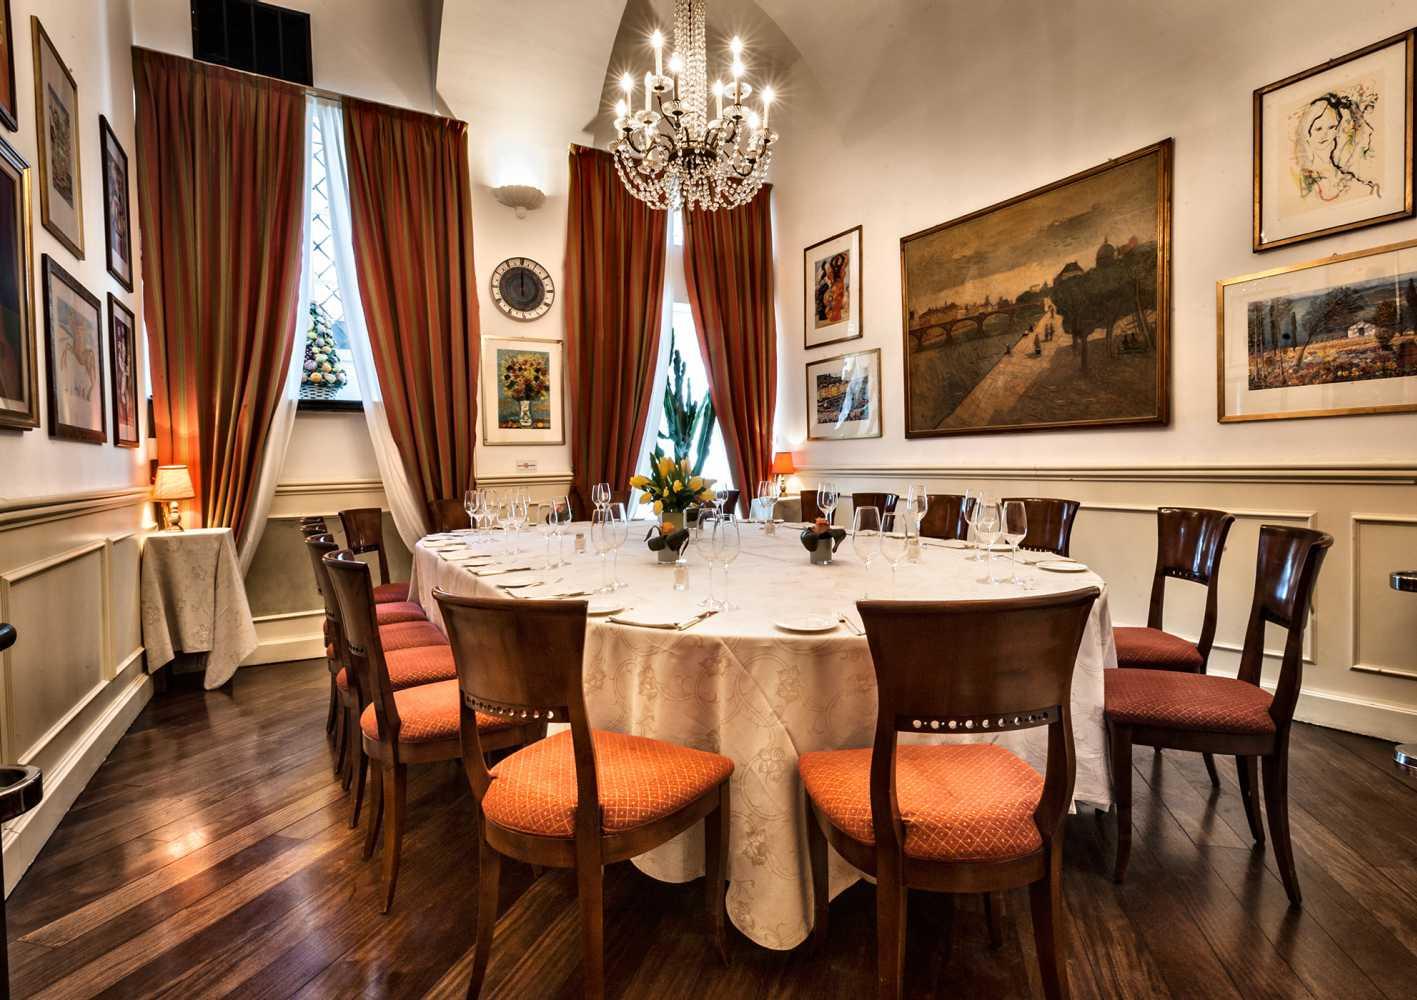 Gallery fotografica antico ristorante boeucc in centro a for Kos milano ristorante